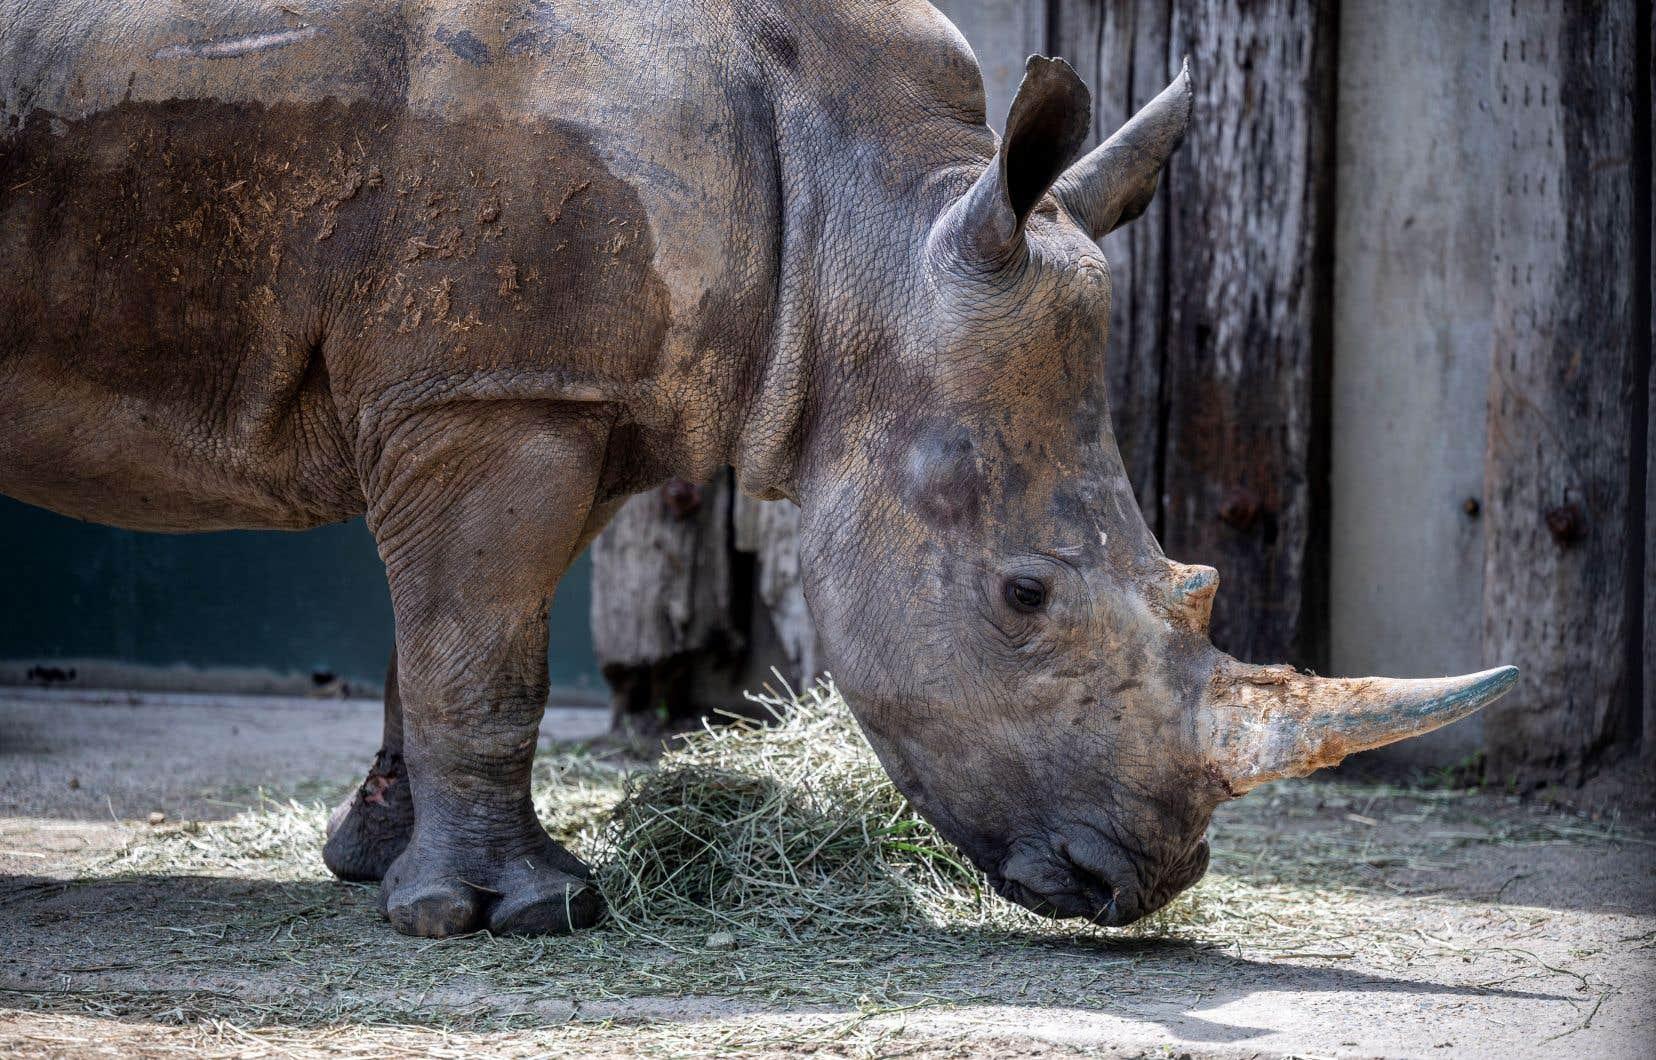 Il ne reste plus sur Terre que deux rhinocéros blancs femelles, Najin et sa fille Fatu, qui vivent sous bonne garde dans la réserve kényane d'Ol Pejeta.